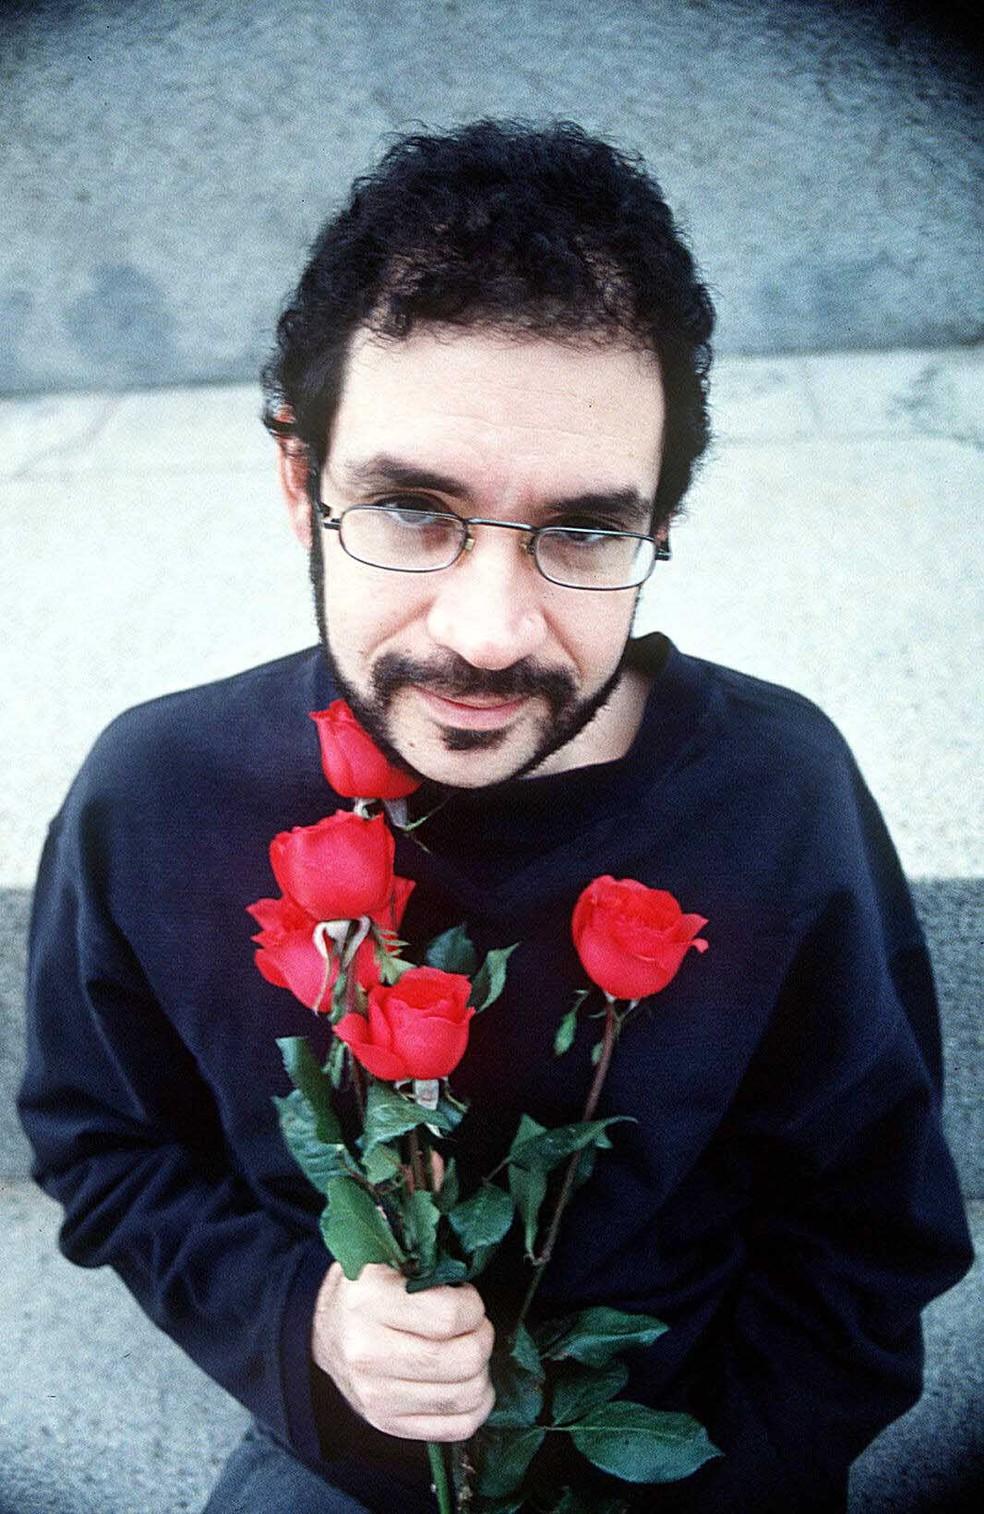 Renato Russo (1960 – 1996) vive através de obra que ainda inspira show, documentário e filme  — Foto: Divulgação